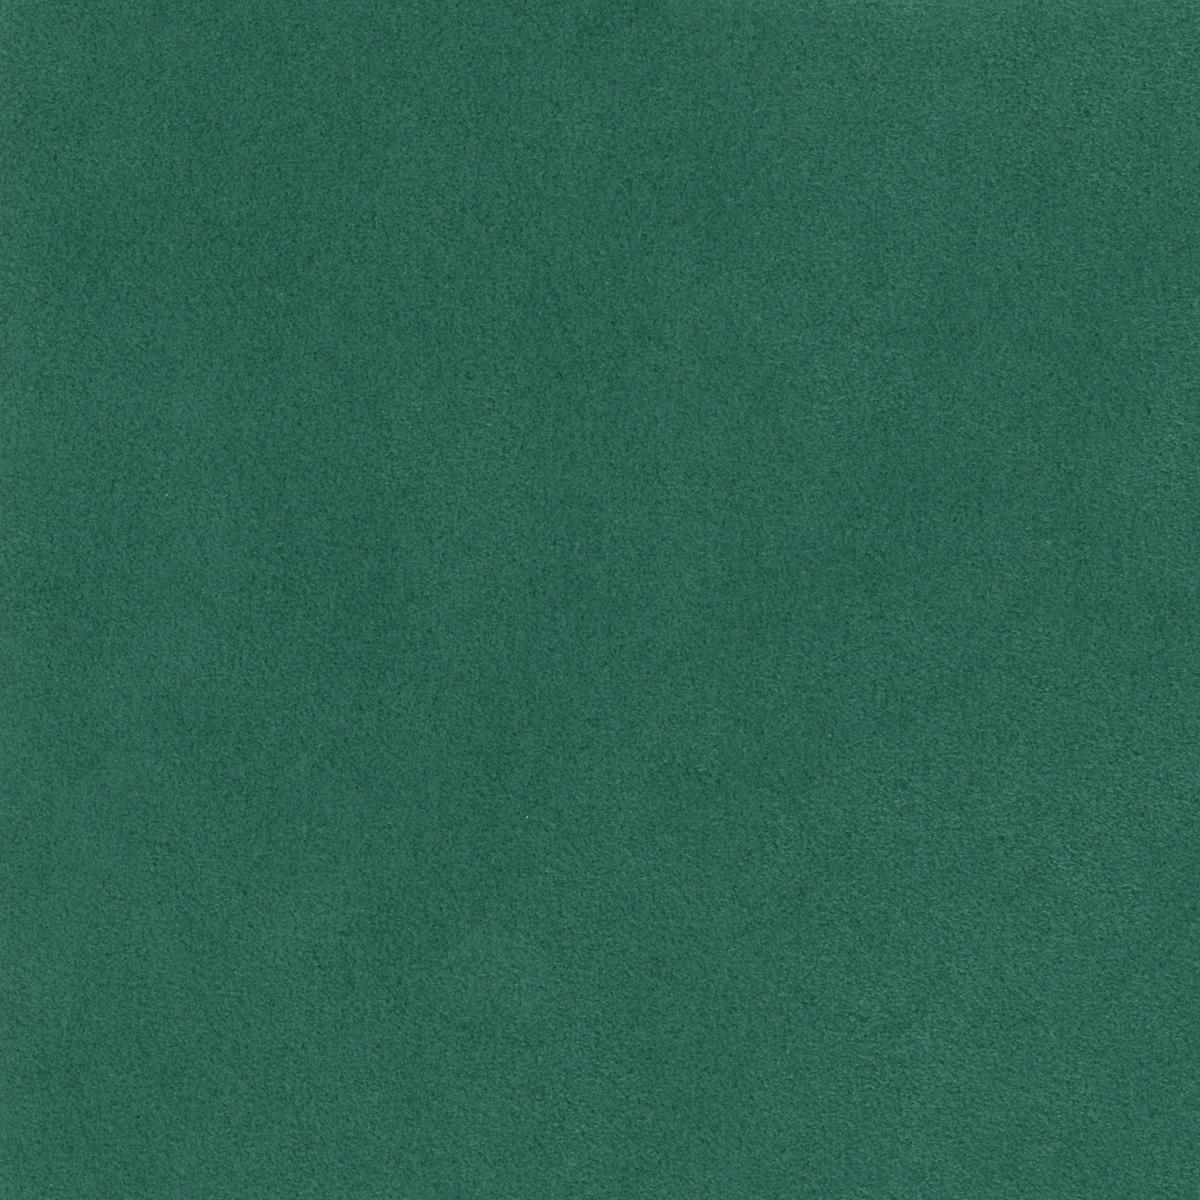 429 Smeraldo